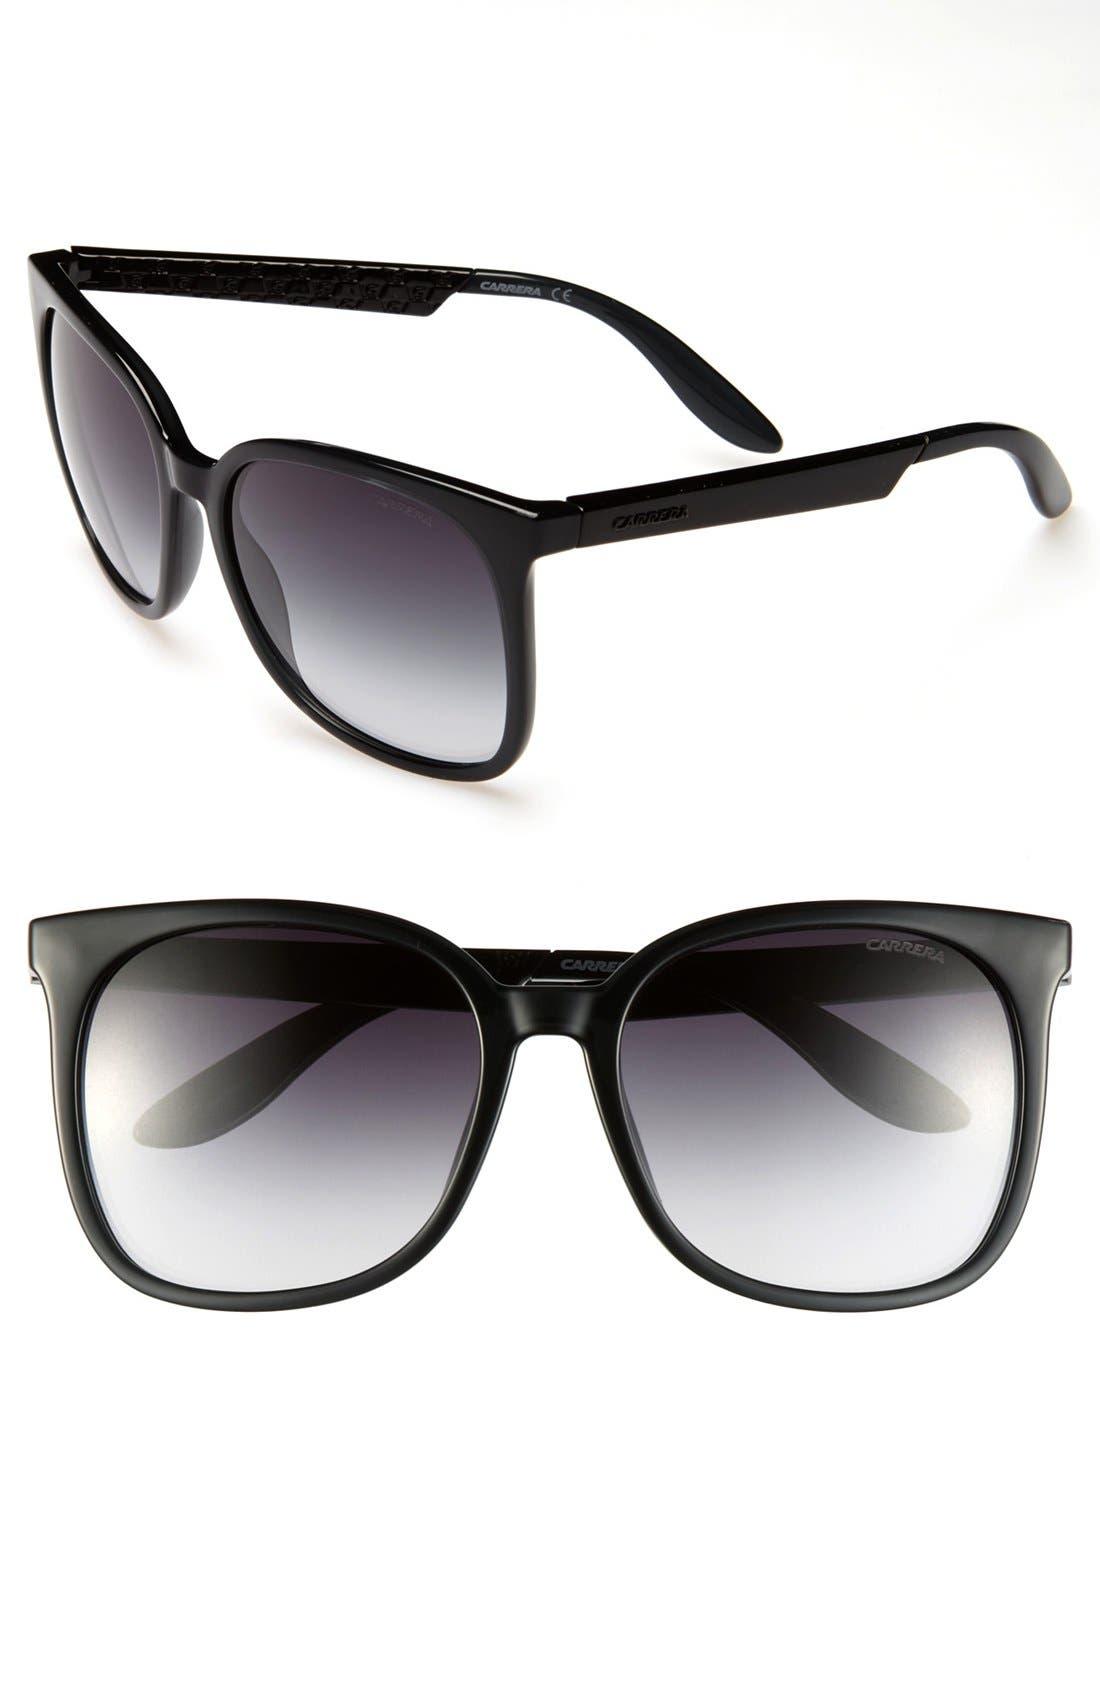 CARRERA EYEWEAR,                             57mm Sunglasses,                             Main thumbnail 1, color,                             020